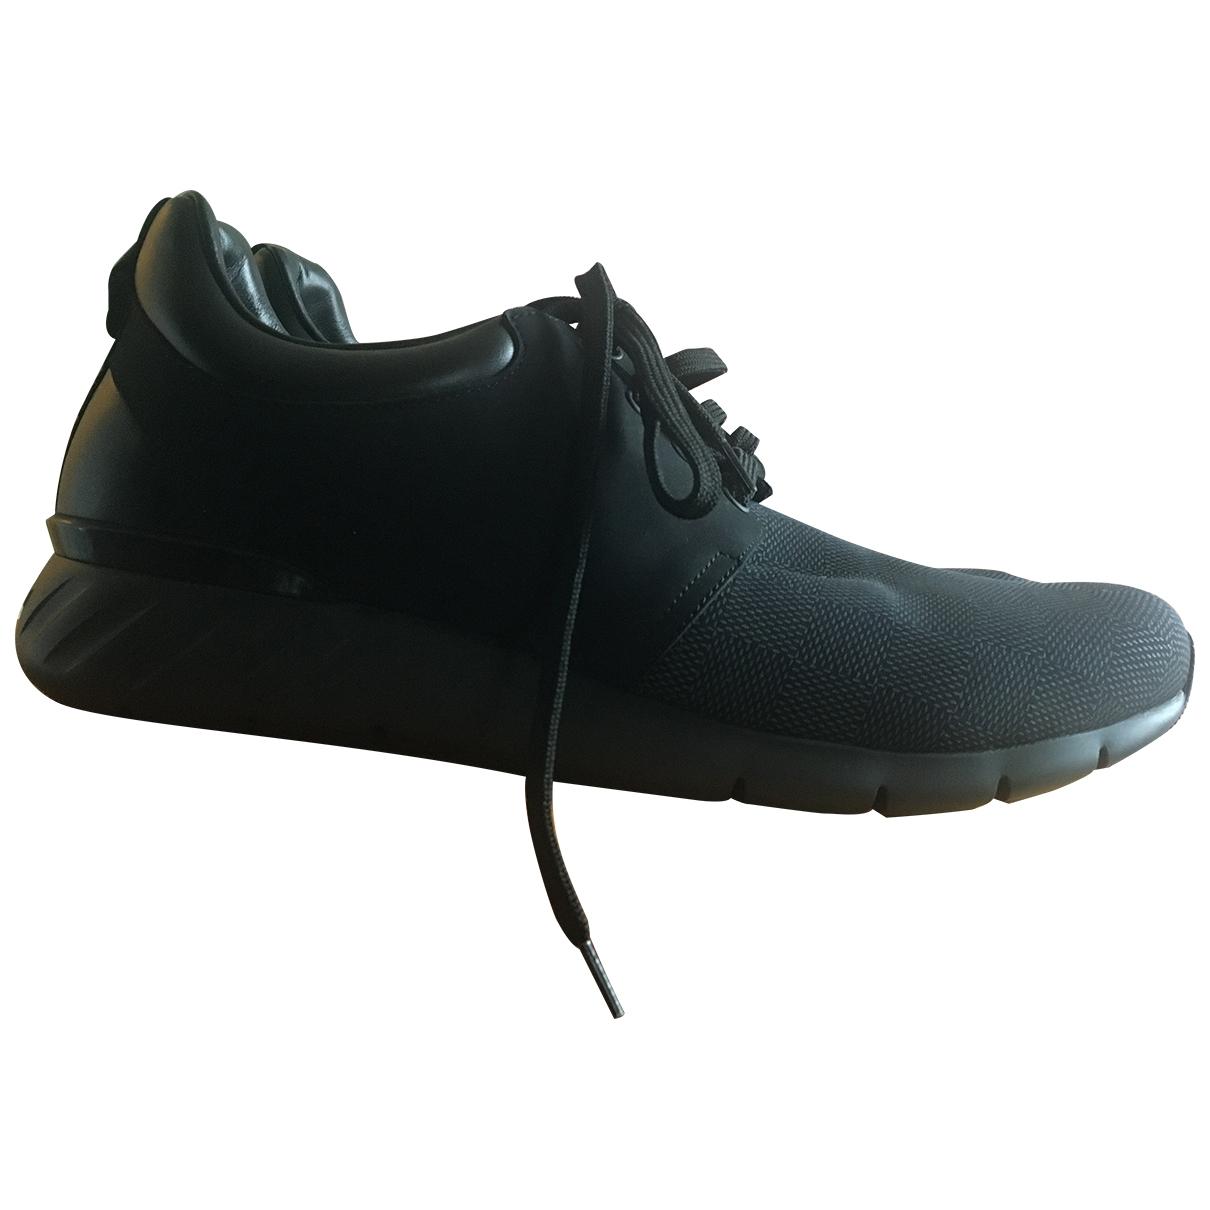 Louis Vuitton Fastlane Black Cloth Trainers for Men 8.5 UK